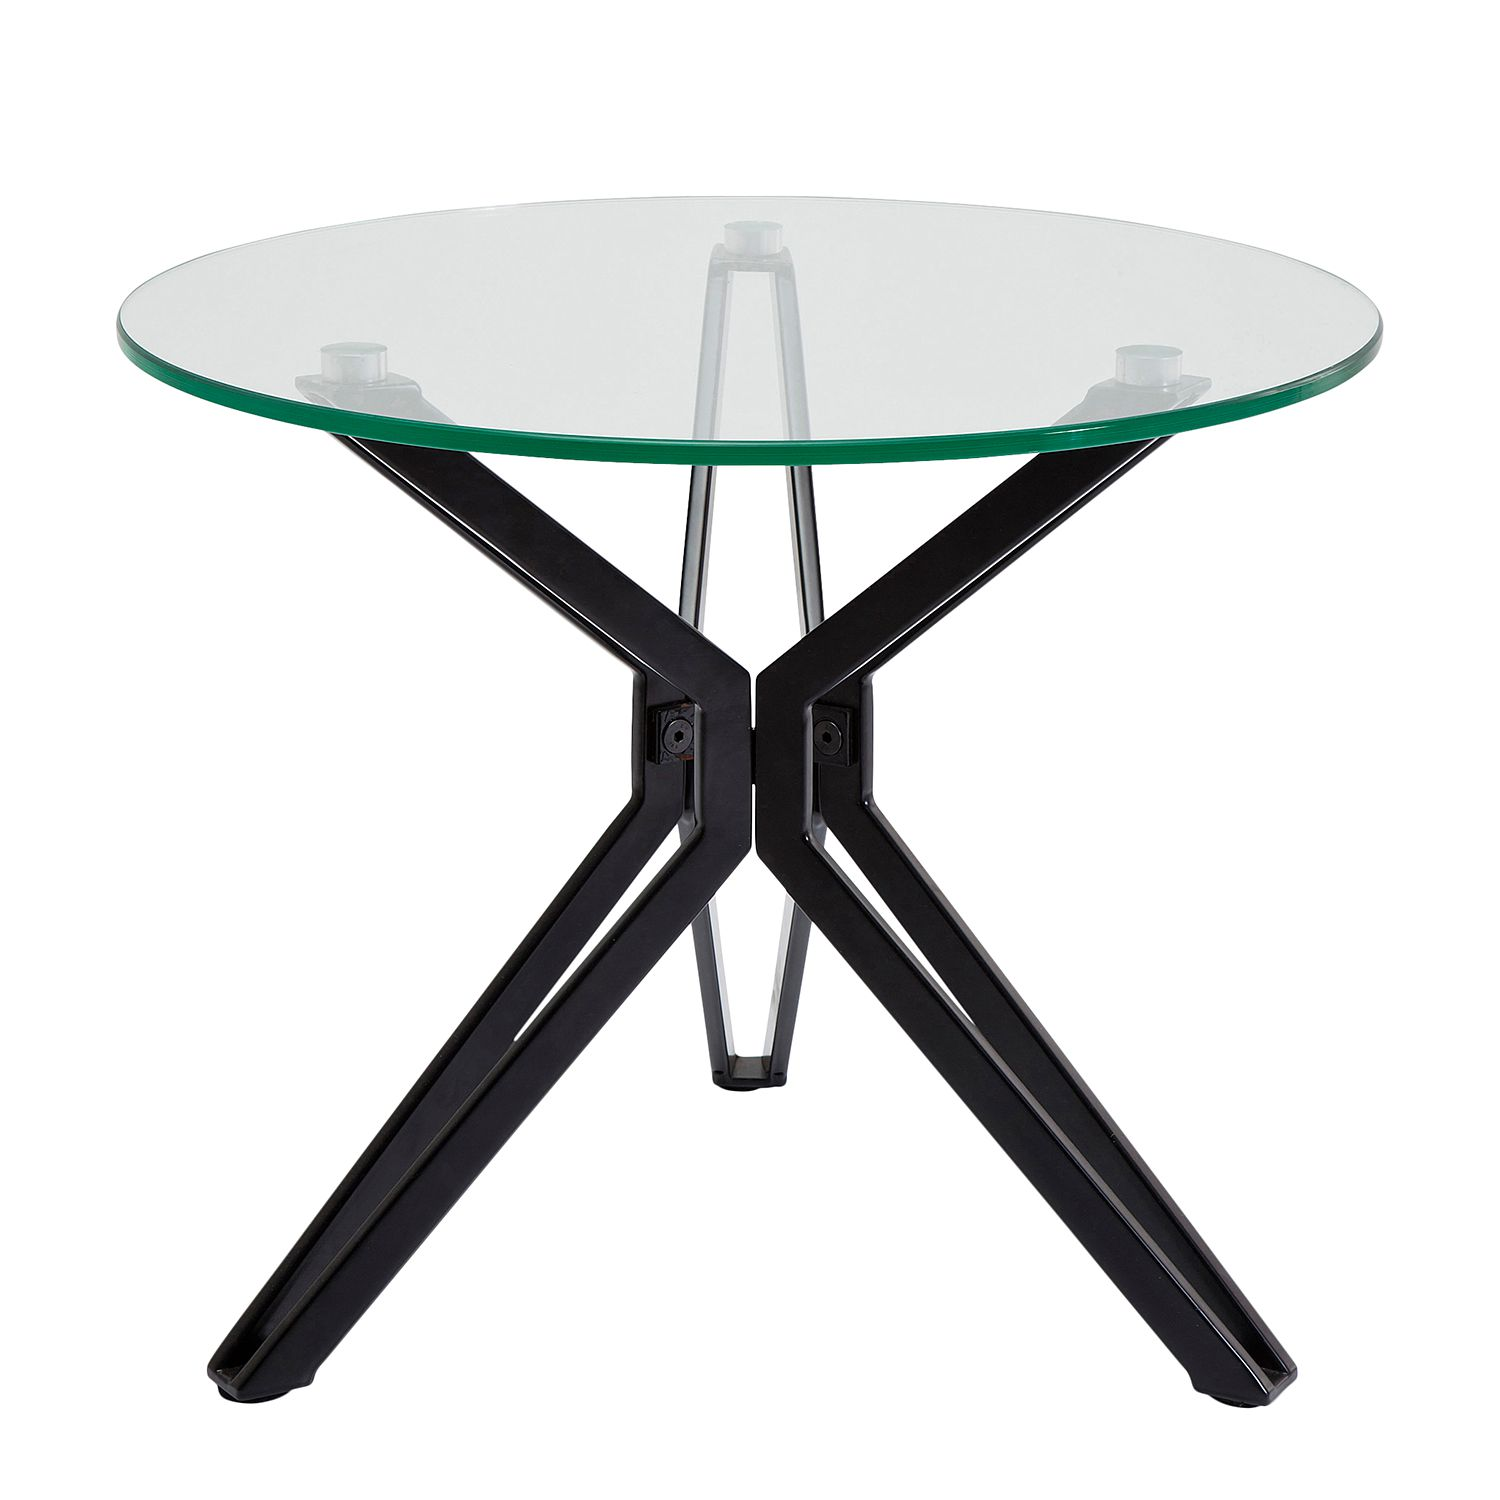 Beistelltisch Garbo Round - Schwarz, Kare Design